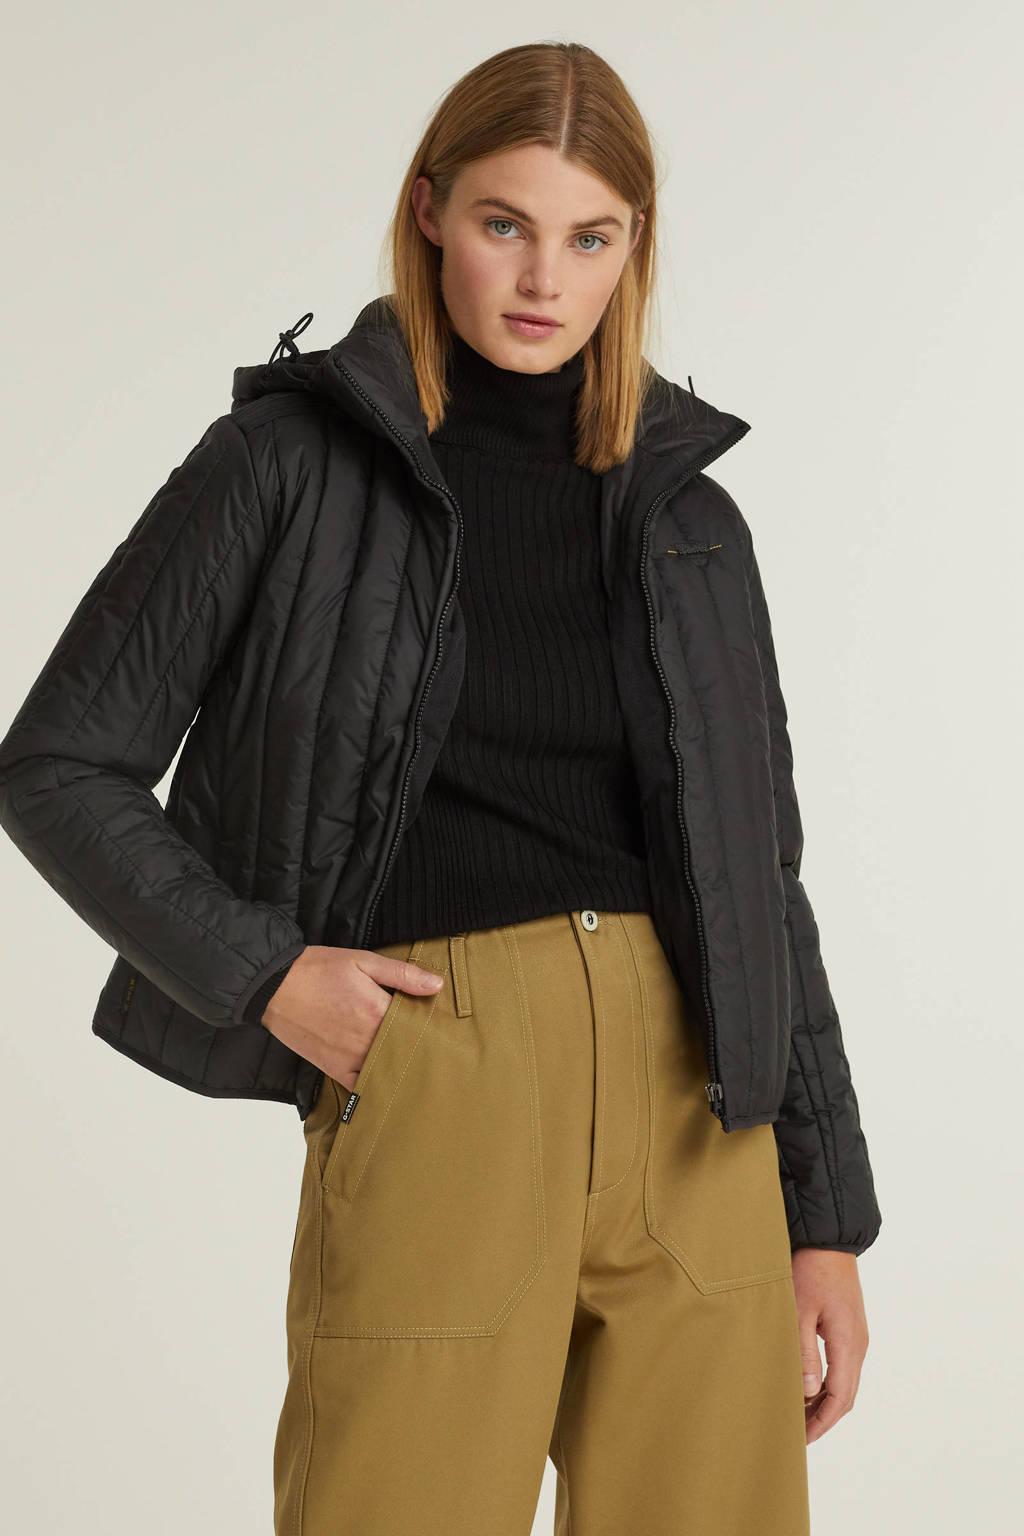 G-Star RAW gewatteerde jas Meefic vertical quilted jacket van gerecycled polyester zwart, Zwart